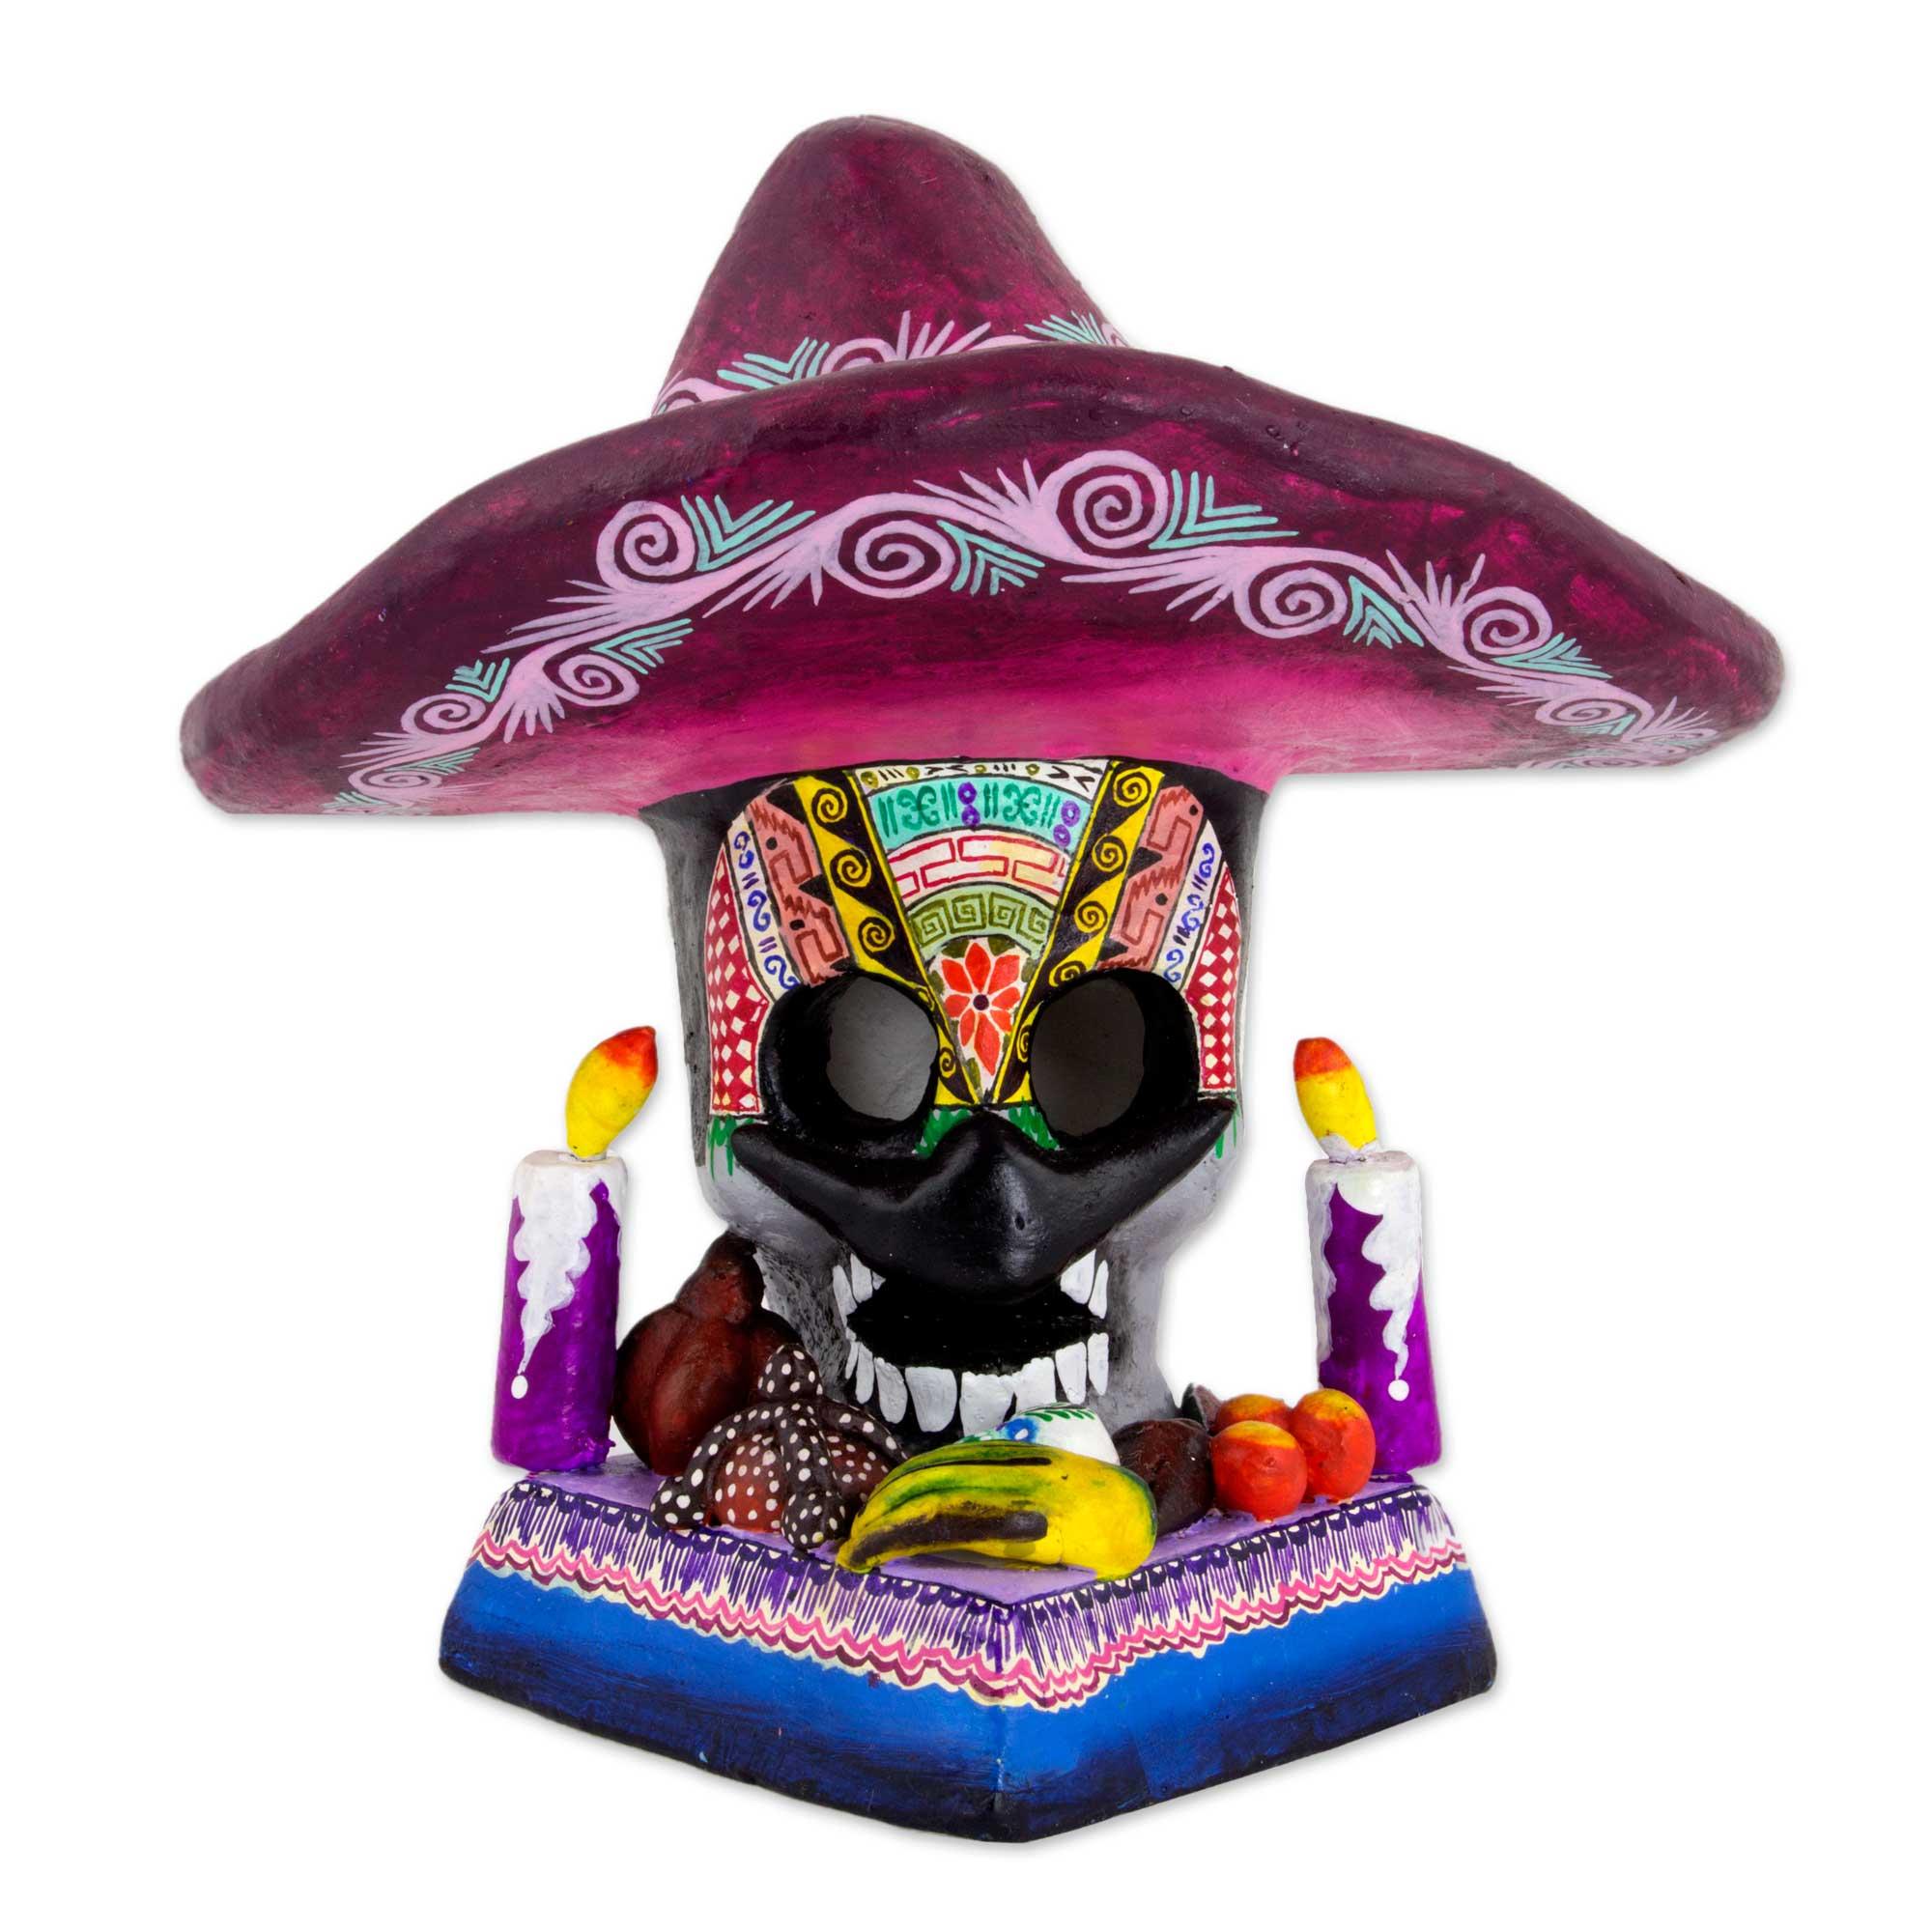 Day of the Dead Mustachioed Skull Altar from Mexico, 'Sombrero Skull Altar'